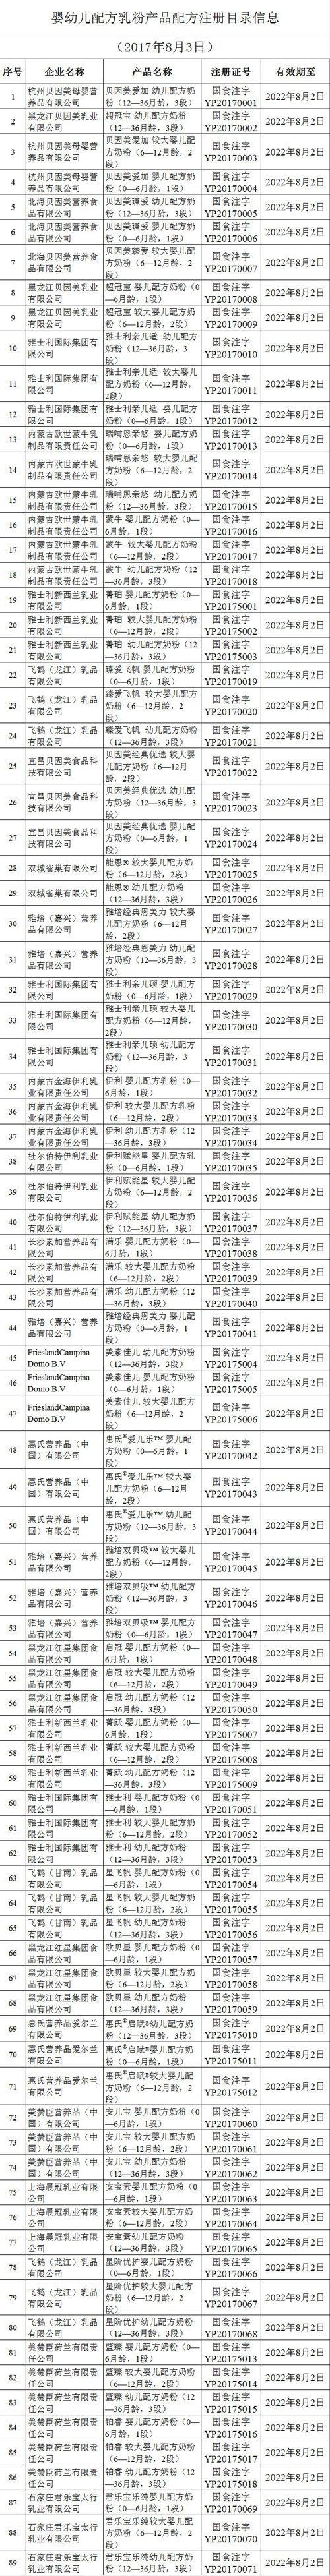 首批奶粉配方注册企业名单公布 共计22家企业89个配方获准